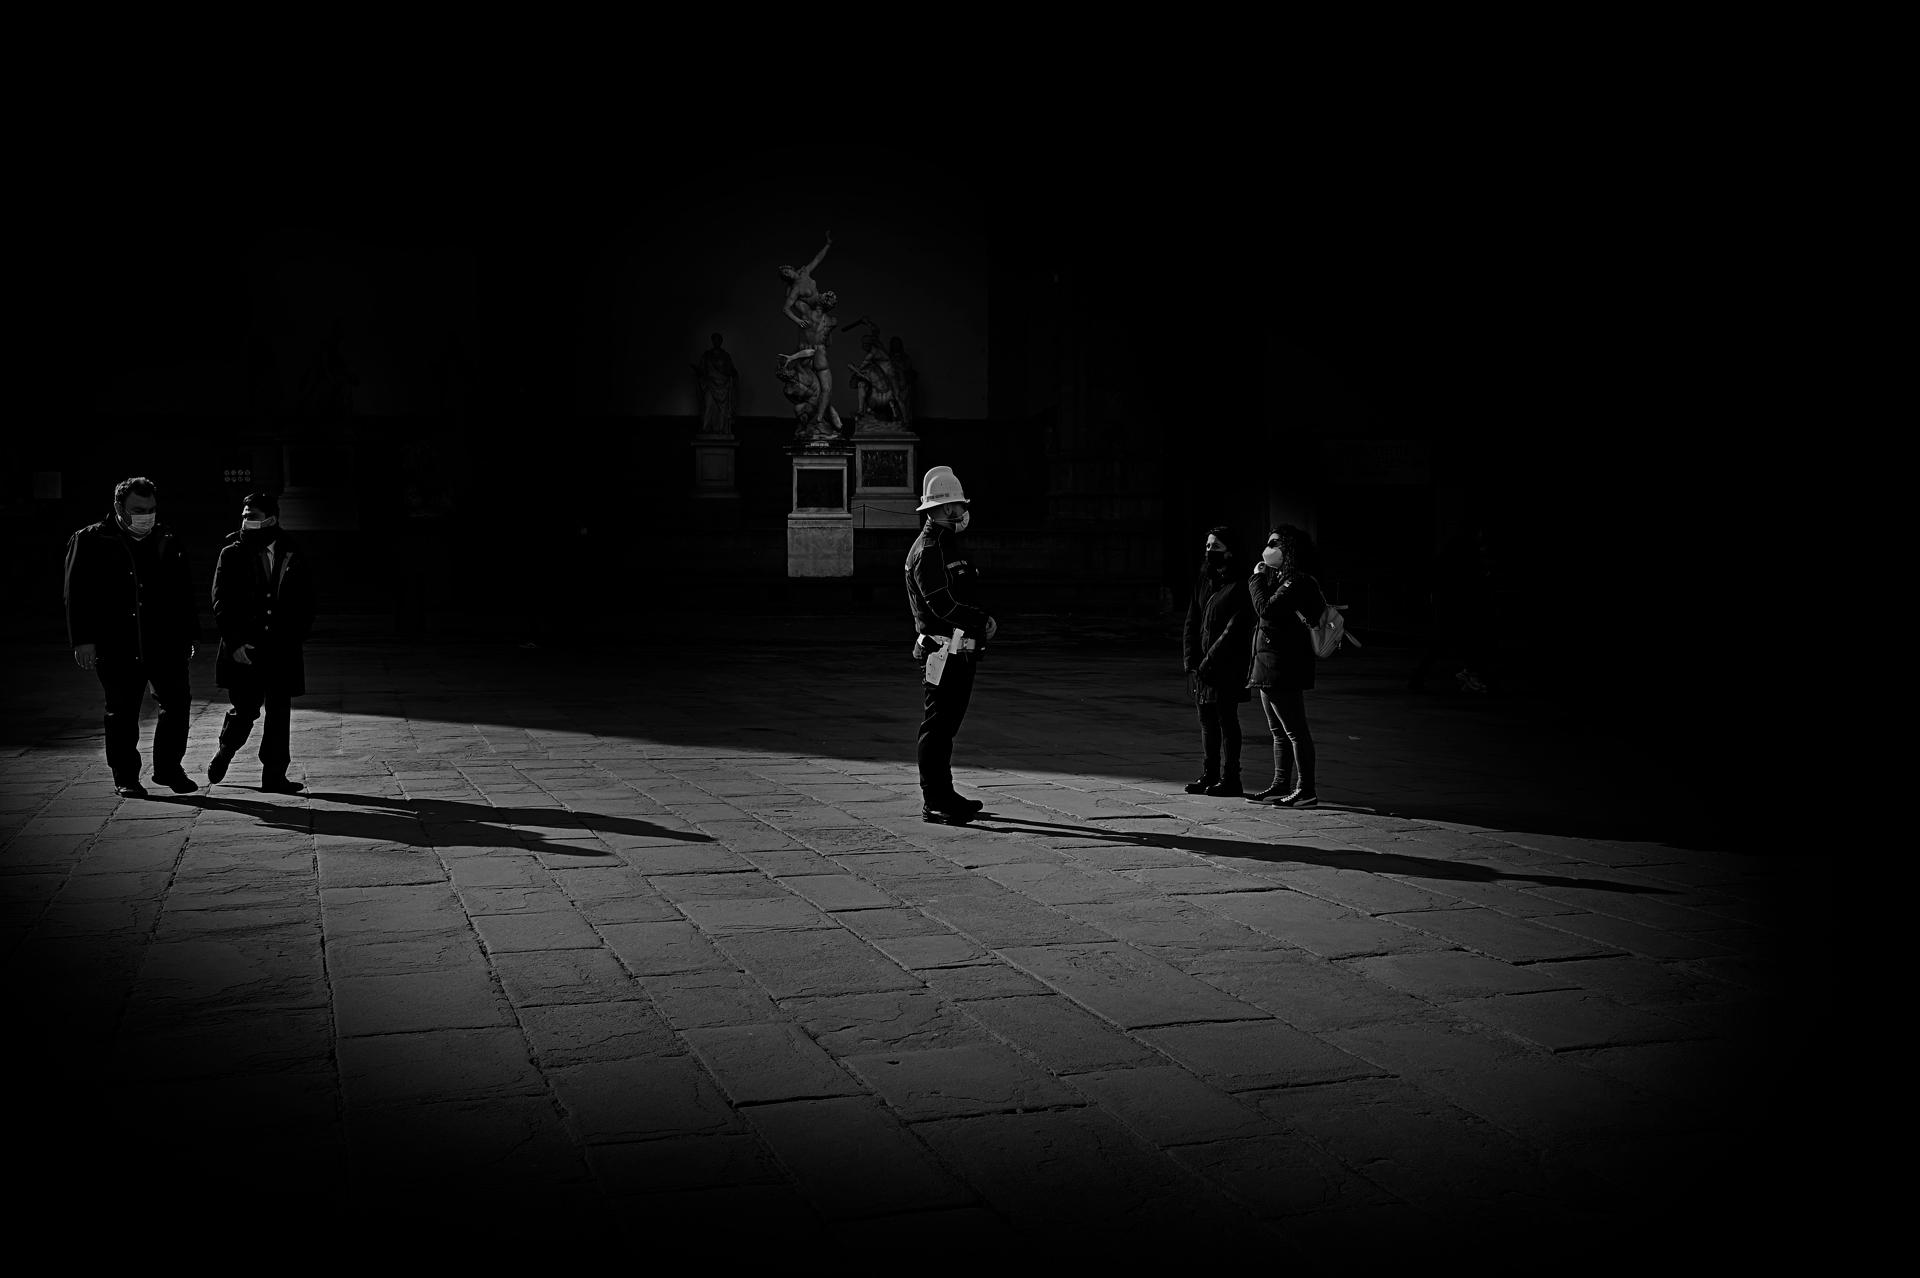 Foto n° 29 OTTAVA– PHOTO CLUB MUGELLOGIANFRANCO GUAZZI  Bel notturno quello che vediamo, essenziale e ben bilanciato nei toni e nel racconto documentale che attiene e si inserisce nel novero delle cose da archiviare e conservare come storiografia del nos